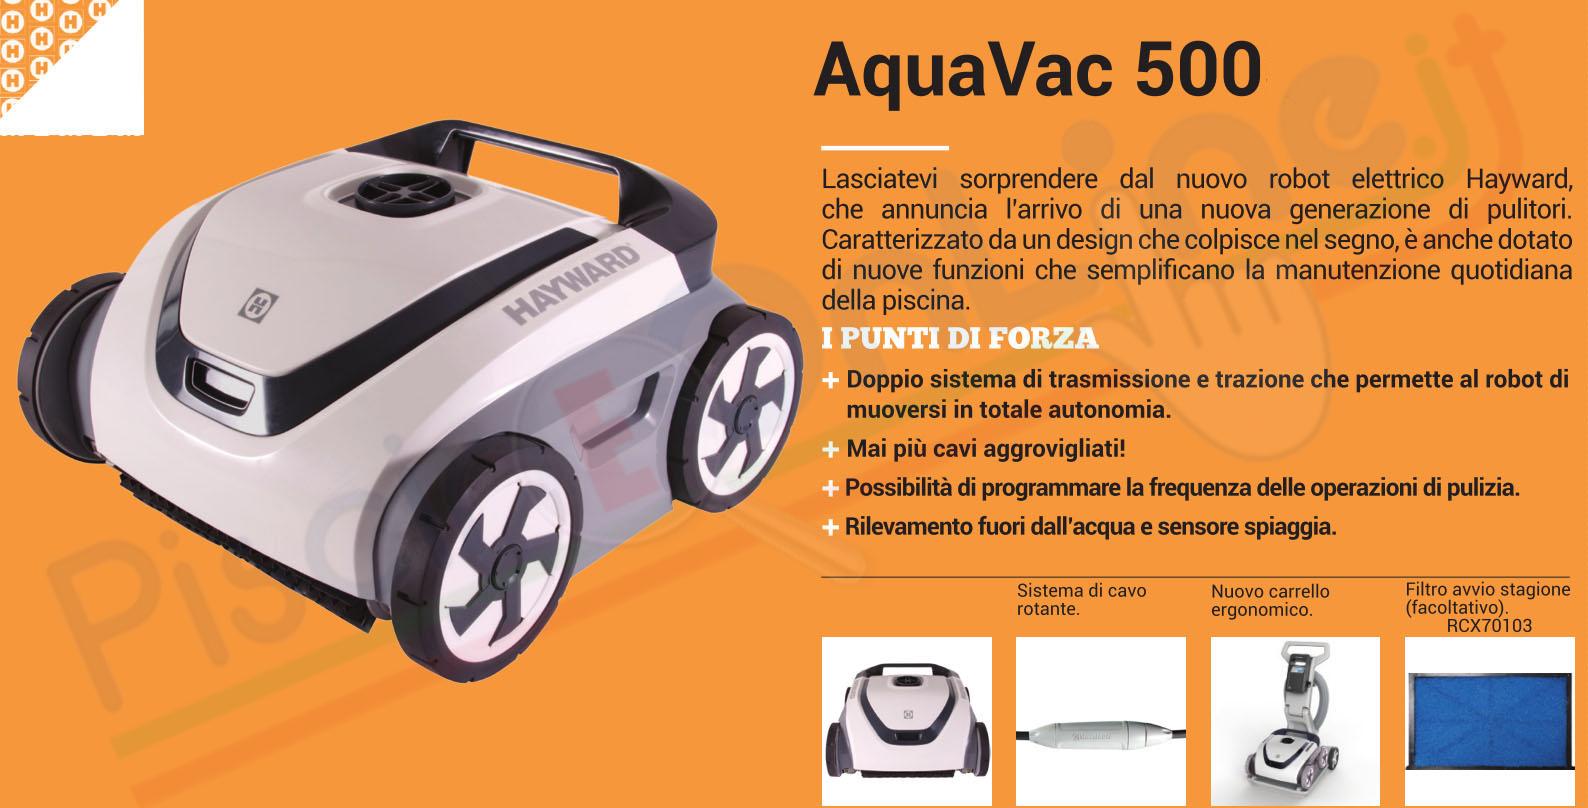 ROBOT AQUAVAC